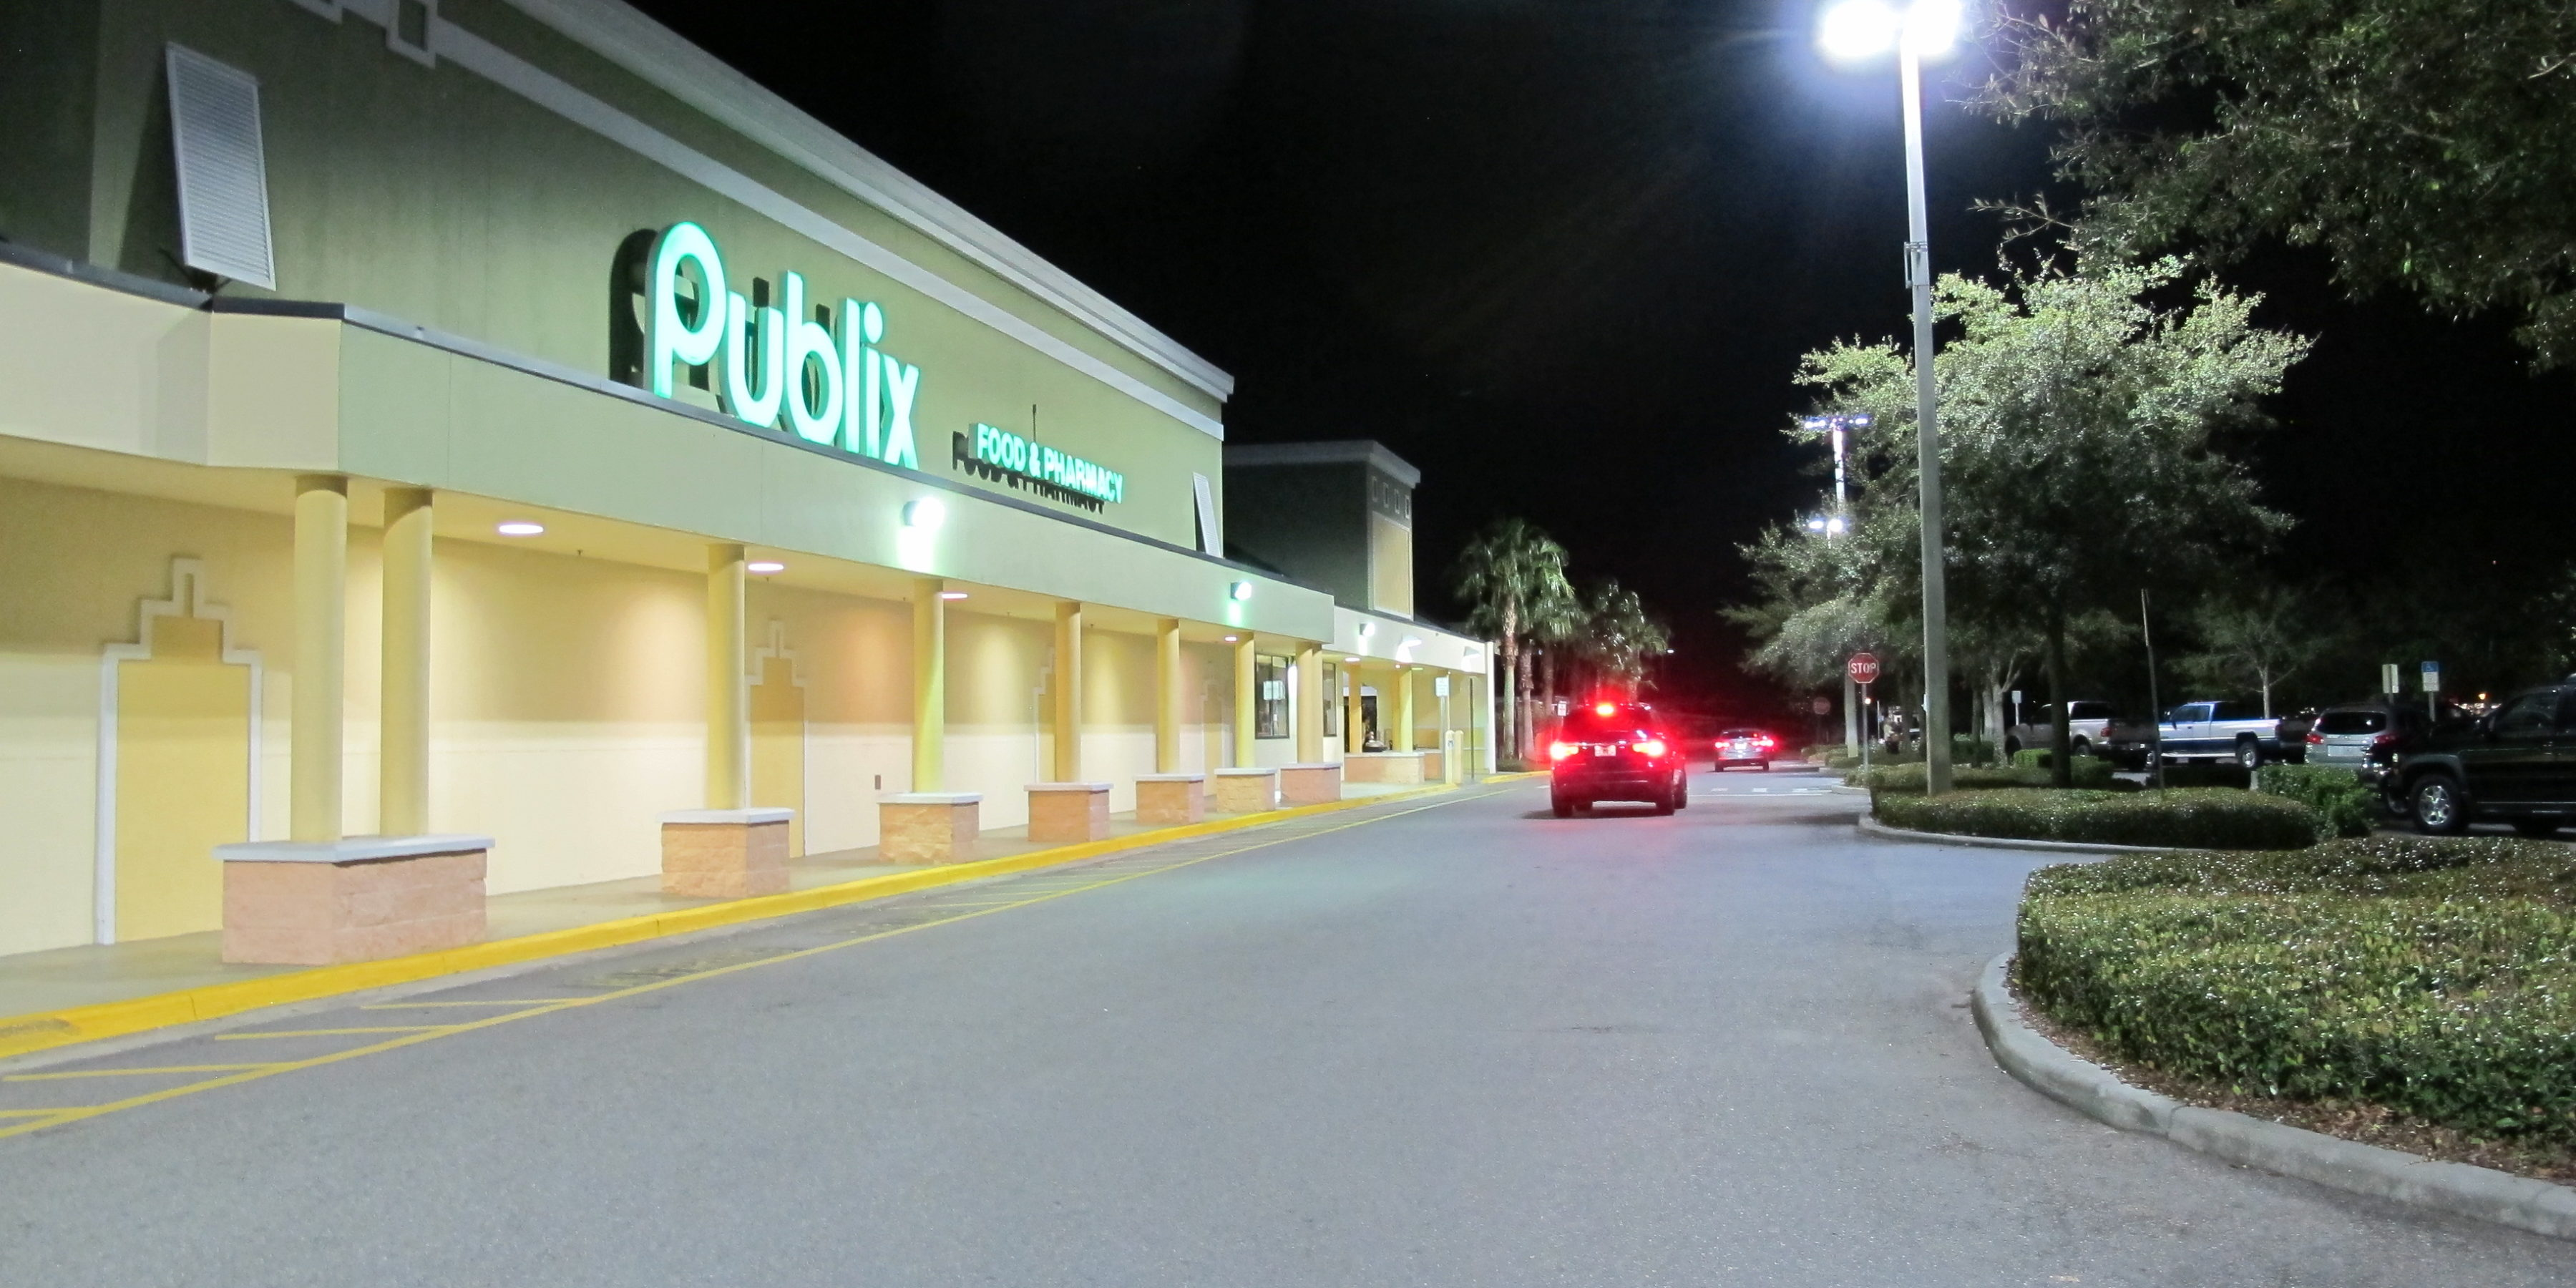 LED lighting, Publix, florida, shopping center